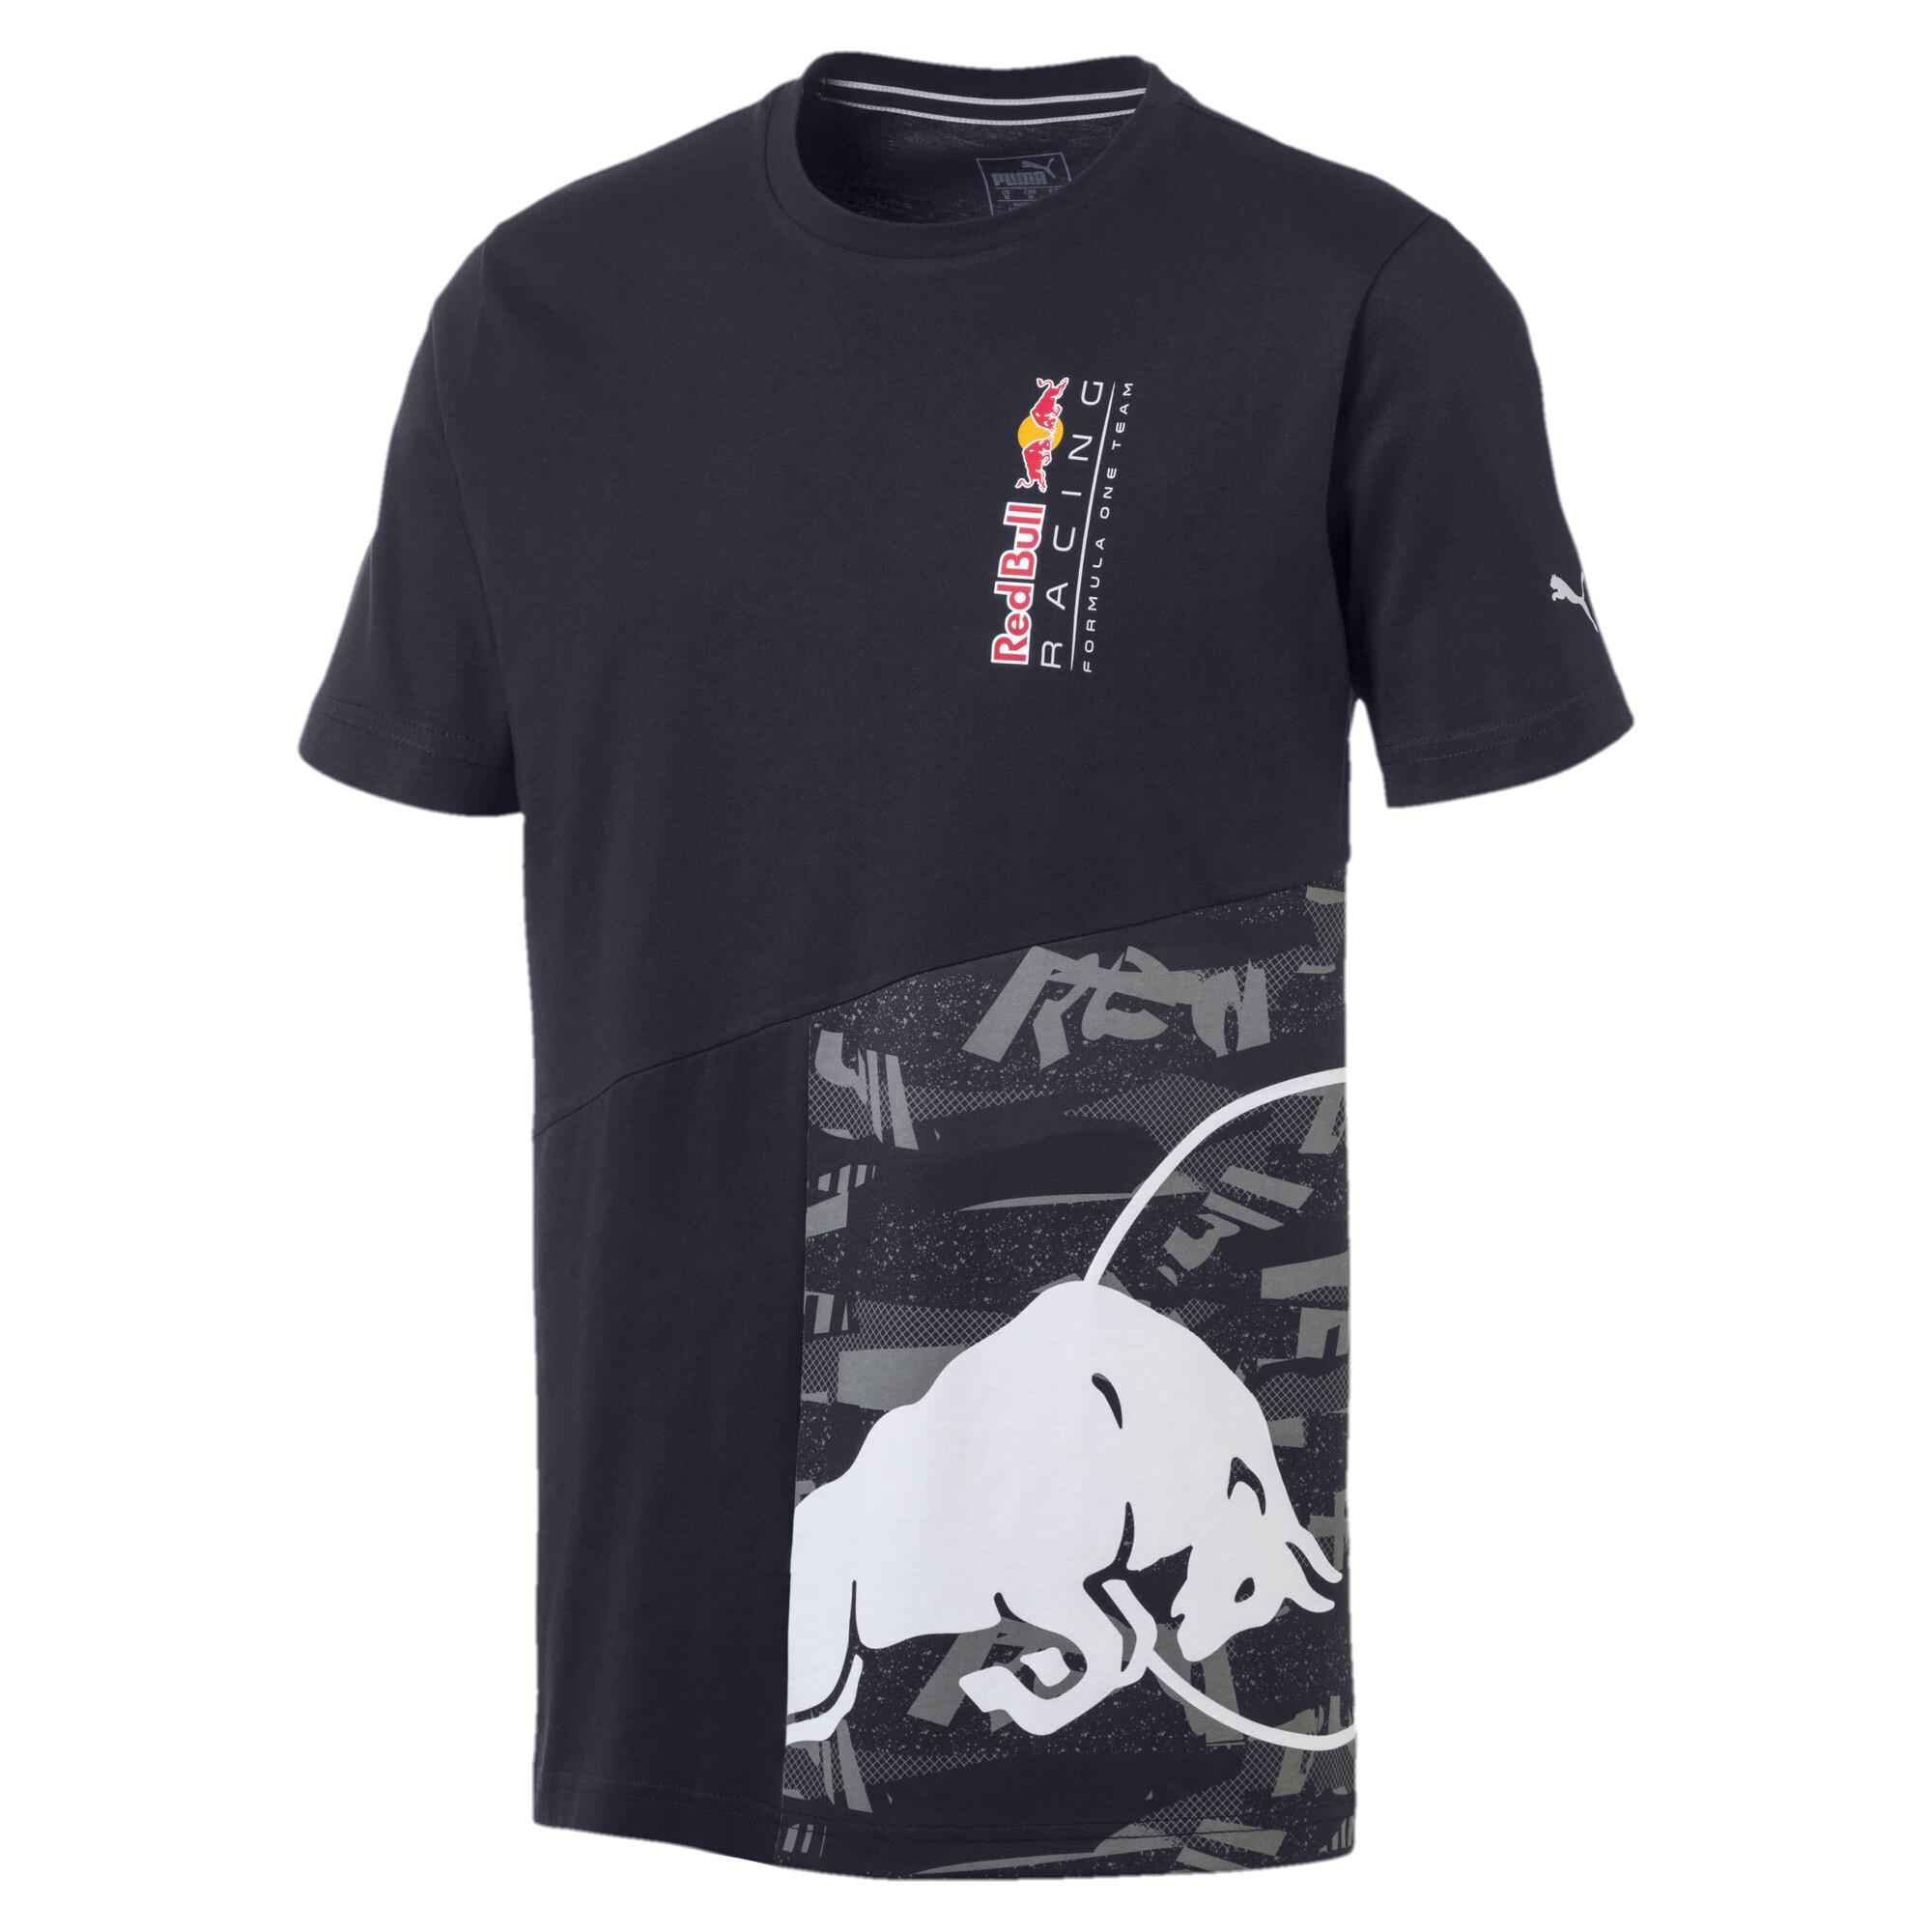 【プーマ公式通販】 プーマ RED BULL RACING ダブルブル Tシャツ メンズ NIGHT SKY |PUMA.com